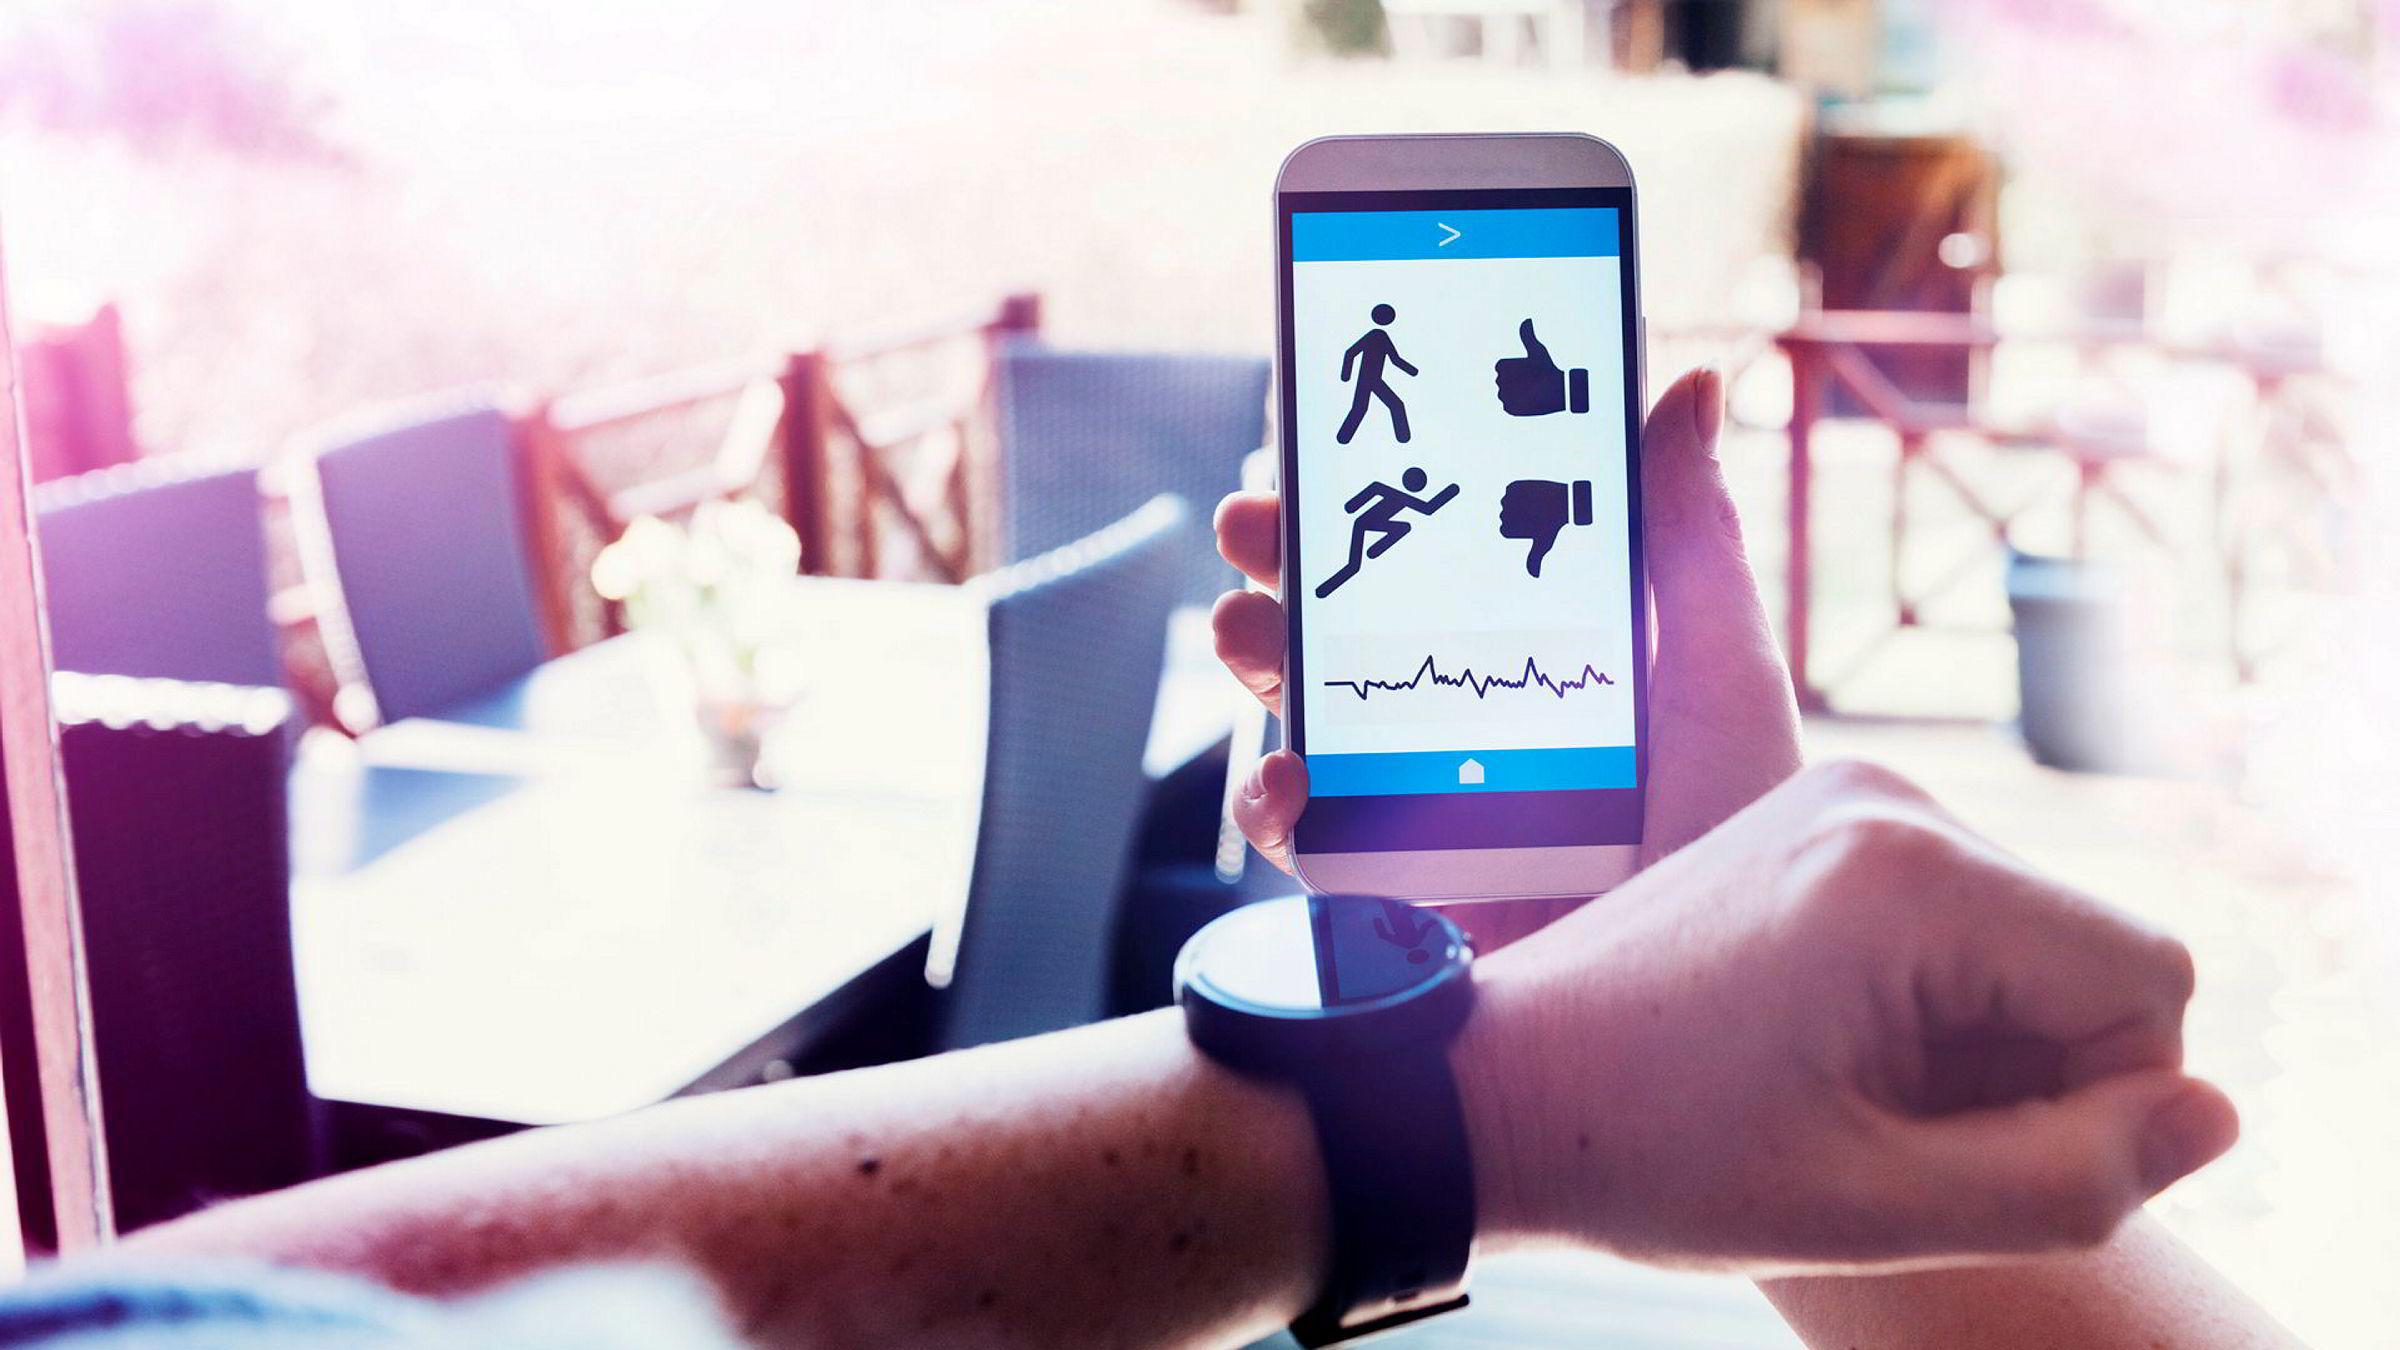 Alle med smarttelefon skal kunne være sin egen lege. Men når alle kan monitorere sine kropper vil «alle» reelle tilstander kunne oppdages. Man vil få brottsjøer av overdiagnostikk og tilhørende overbehandlings, skriver artikkelforfatterne.